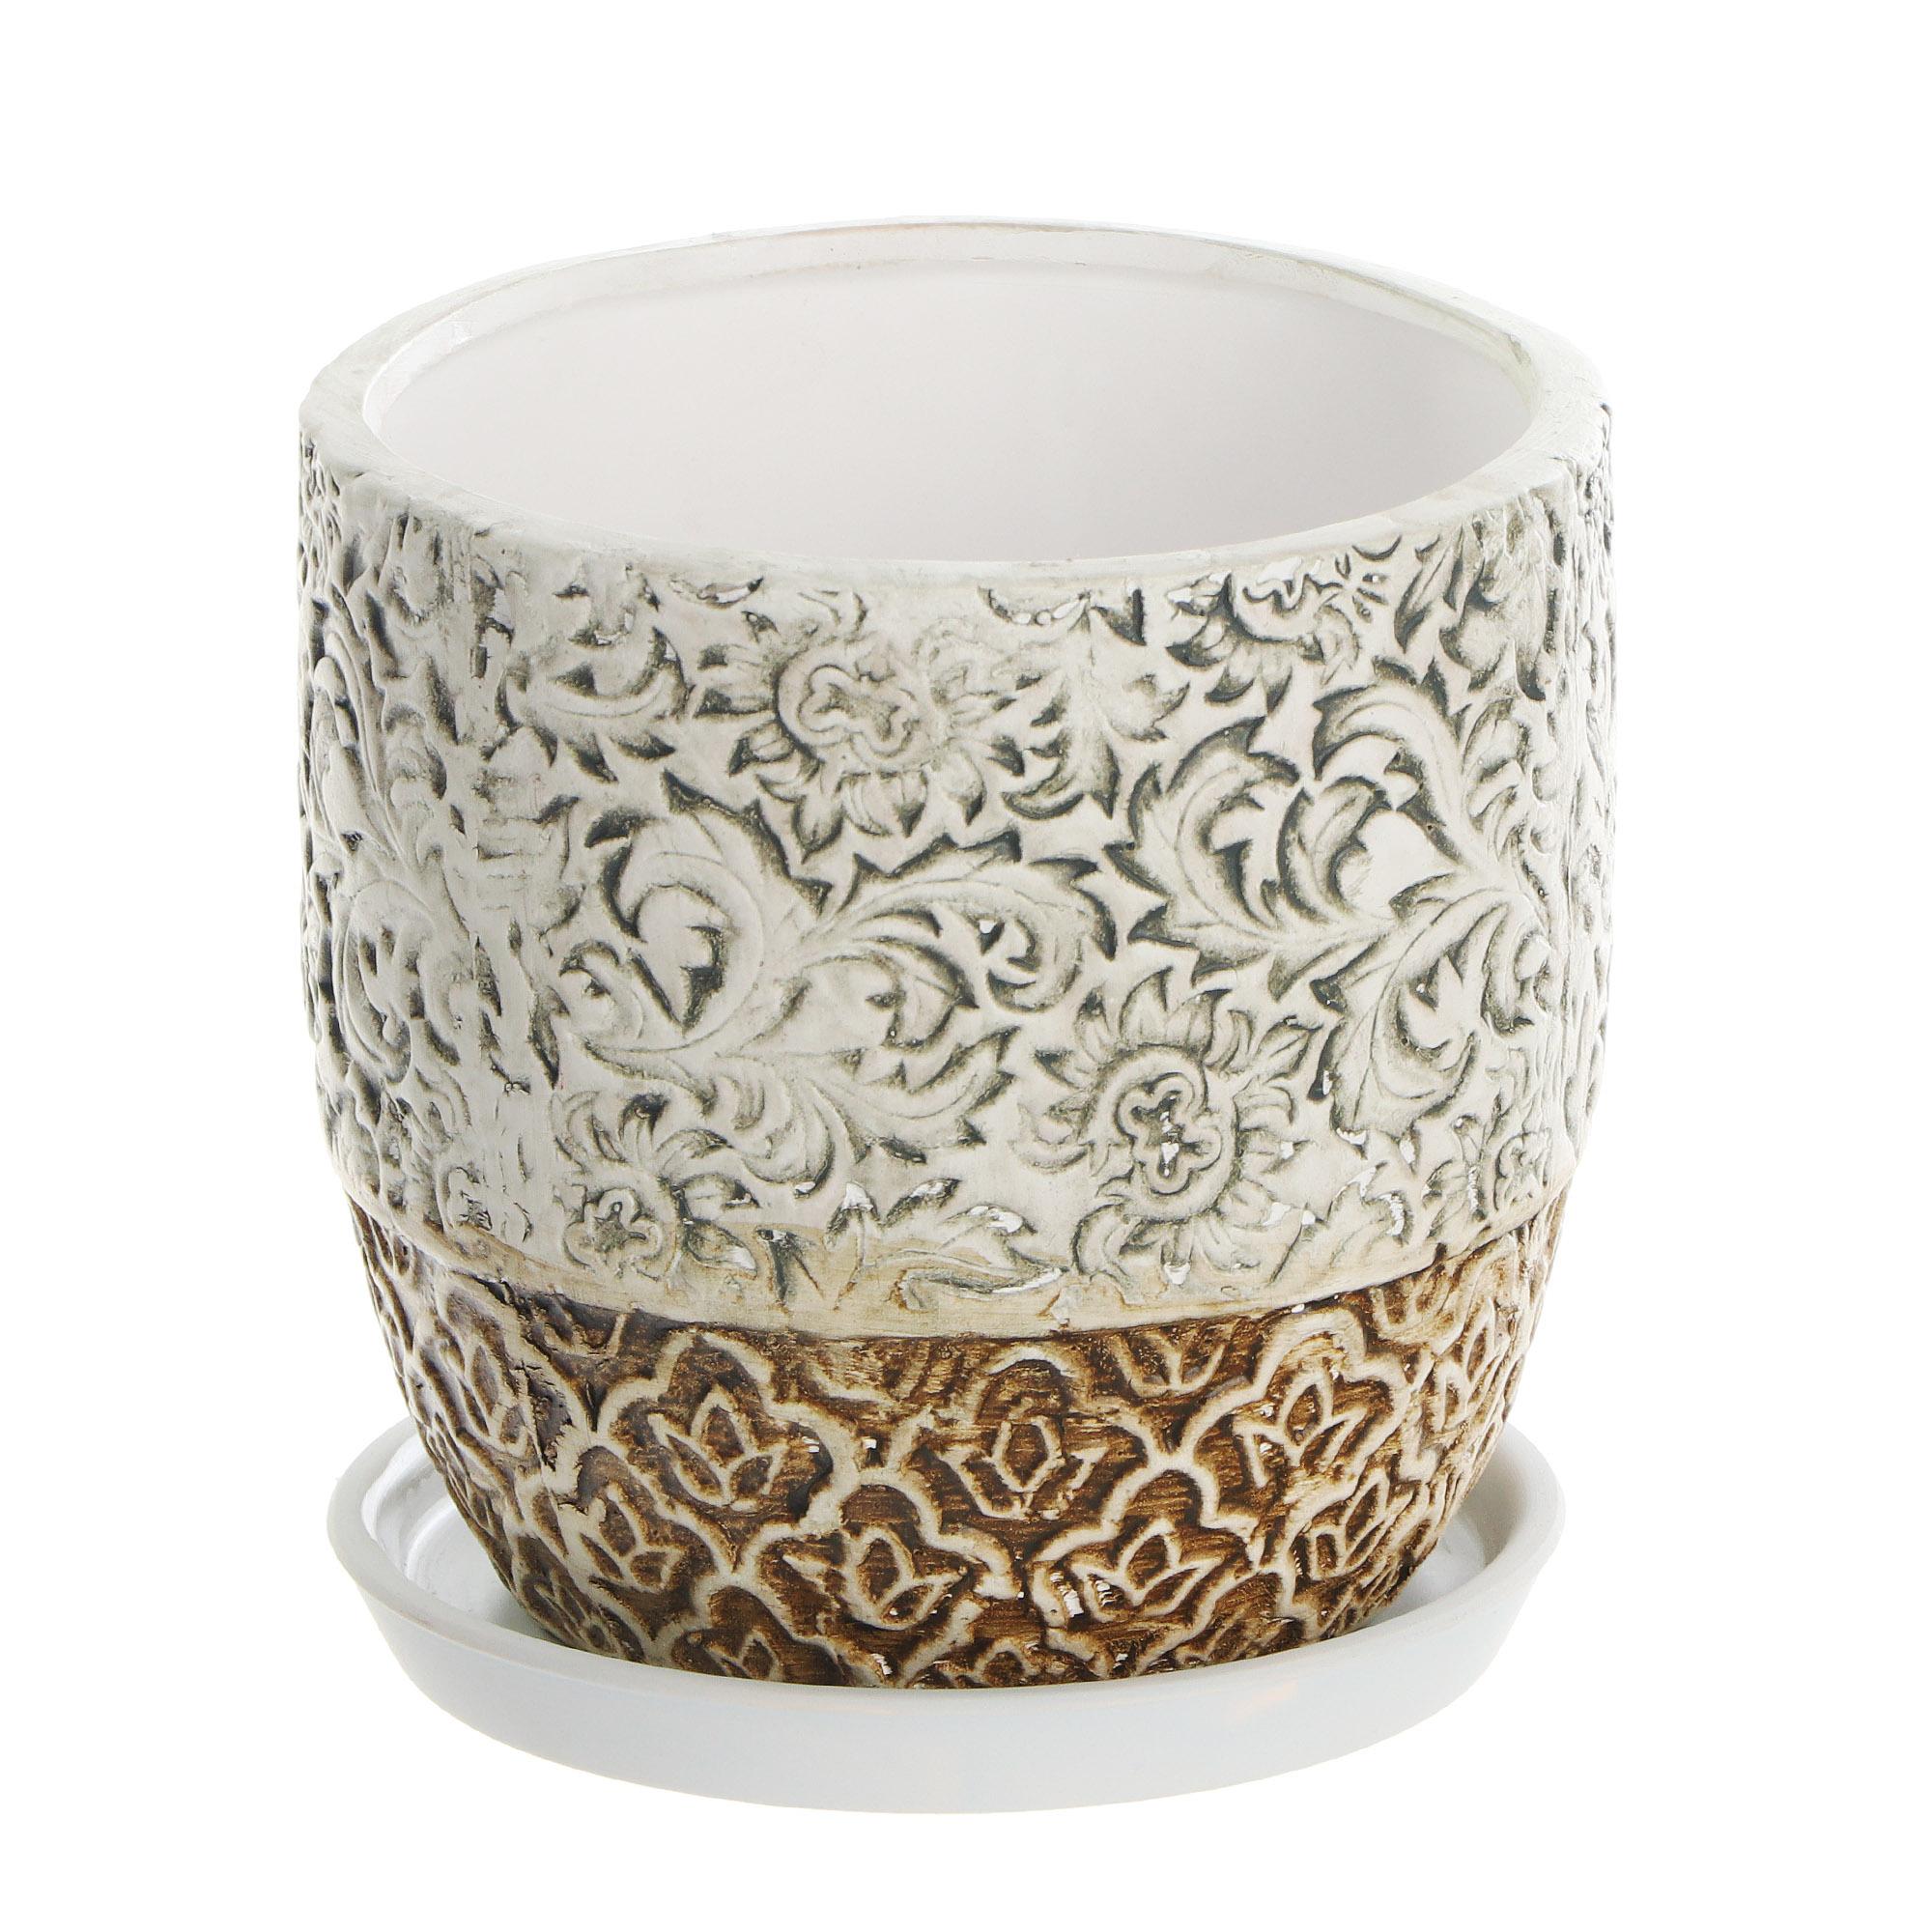 Горшок цветочный с поддоном Dehua ceramic flower pattern 18x18x16см